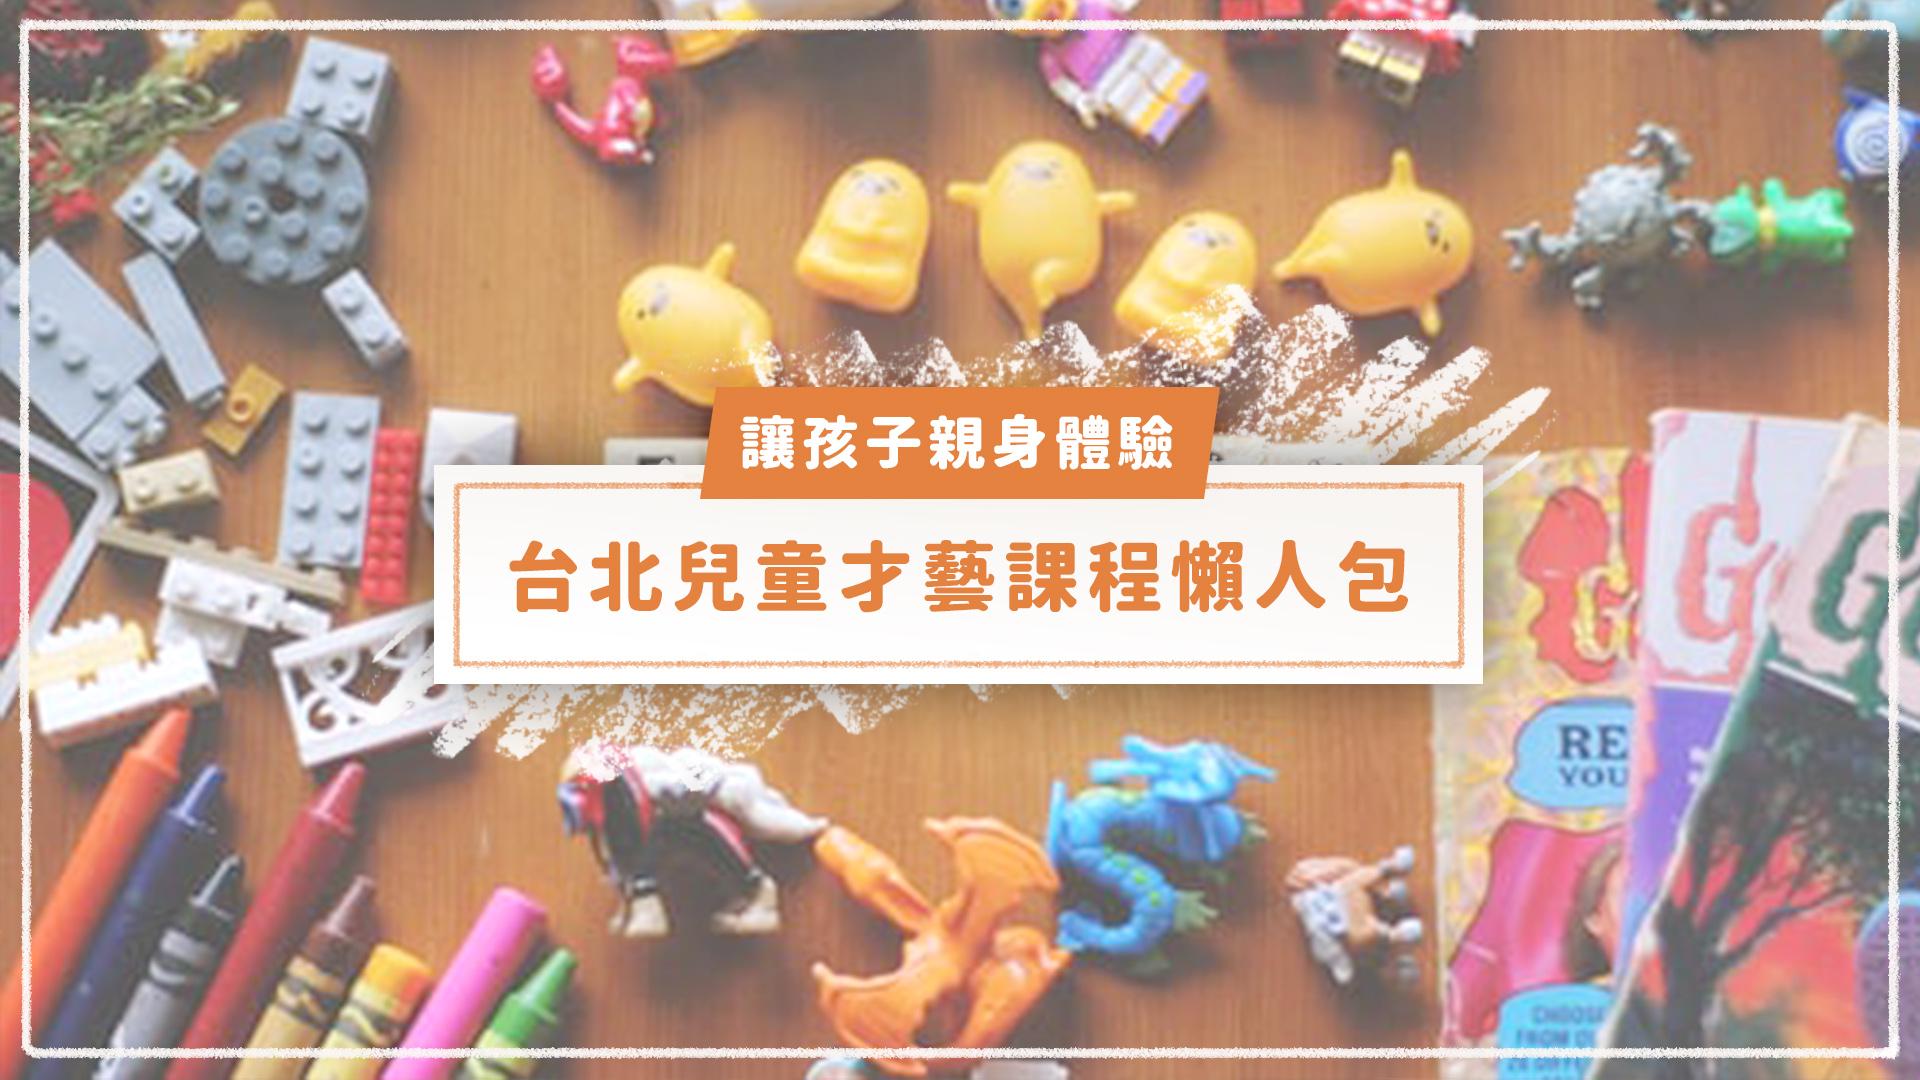 【台北兒童才藝課程懶人包】孩子適合學什麼?體驗過就知道!